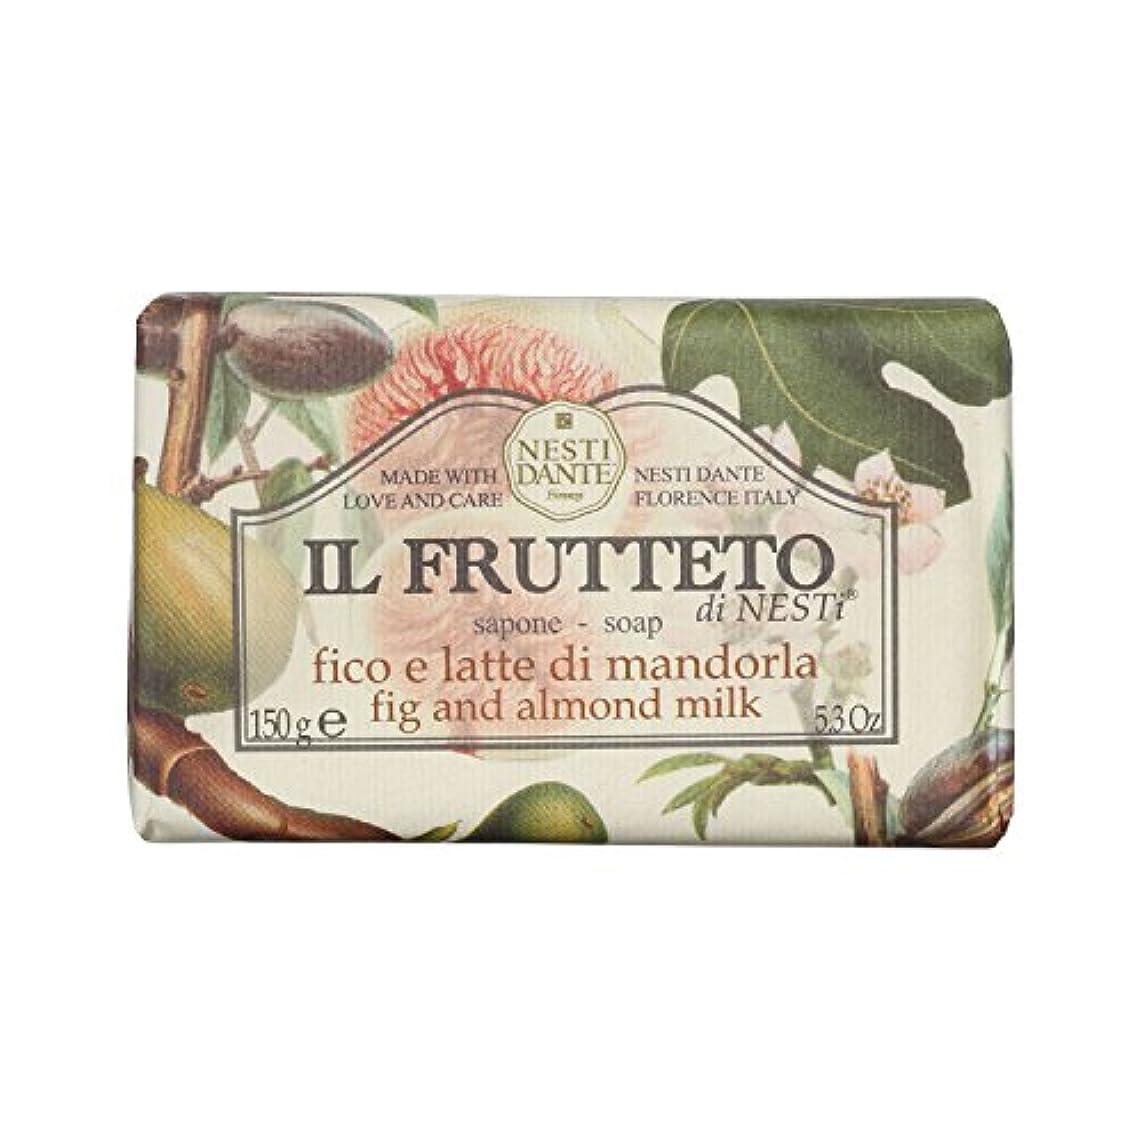 Nesti Dante ネスティダンテ フルッテートソープ フィグ&アーモンドミルク 150g